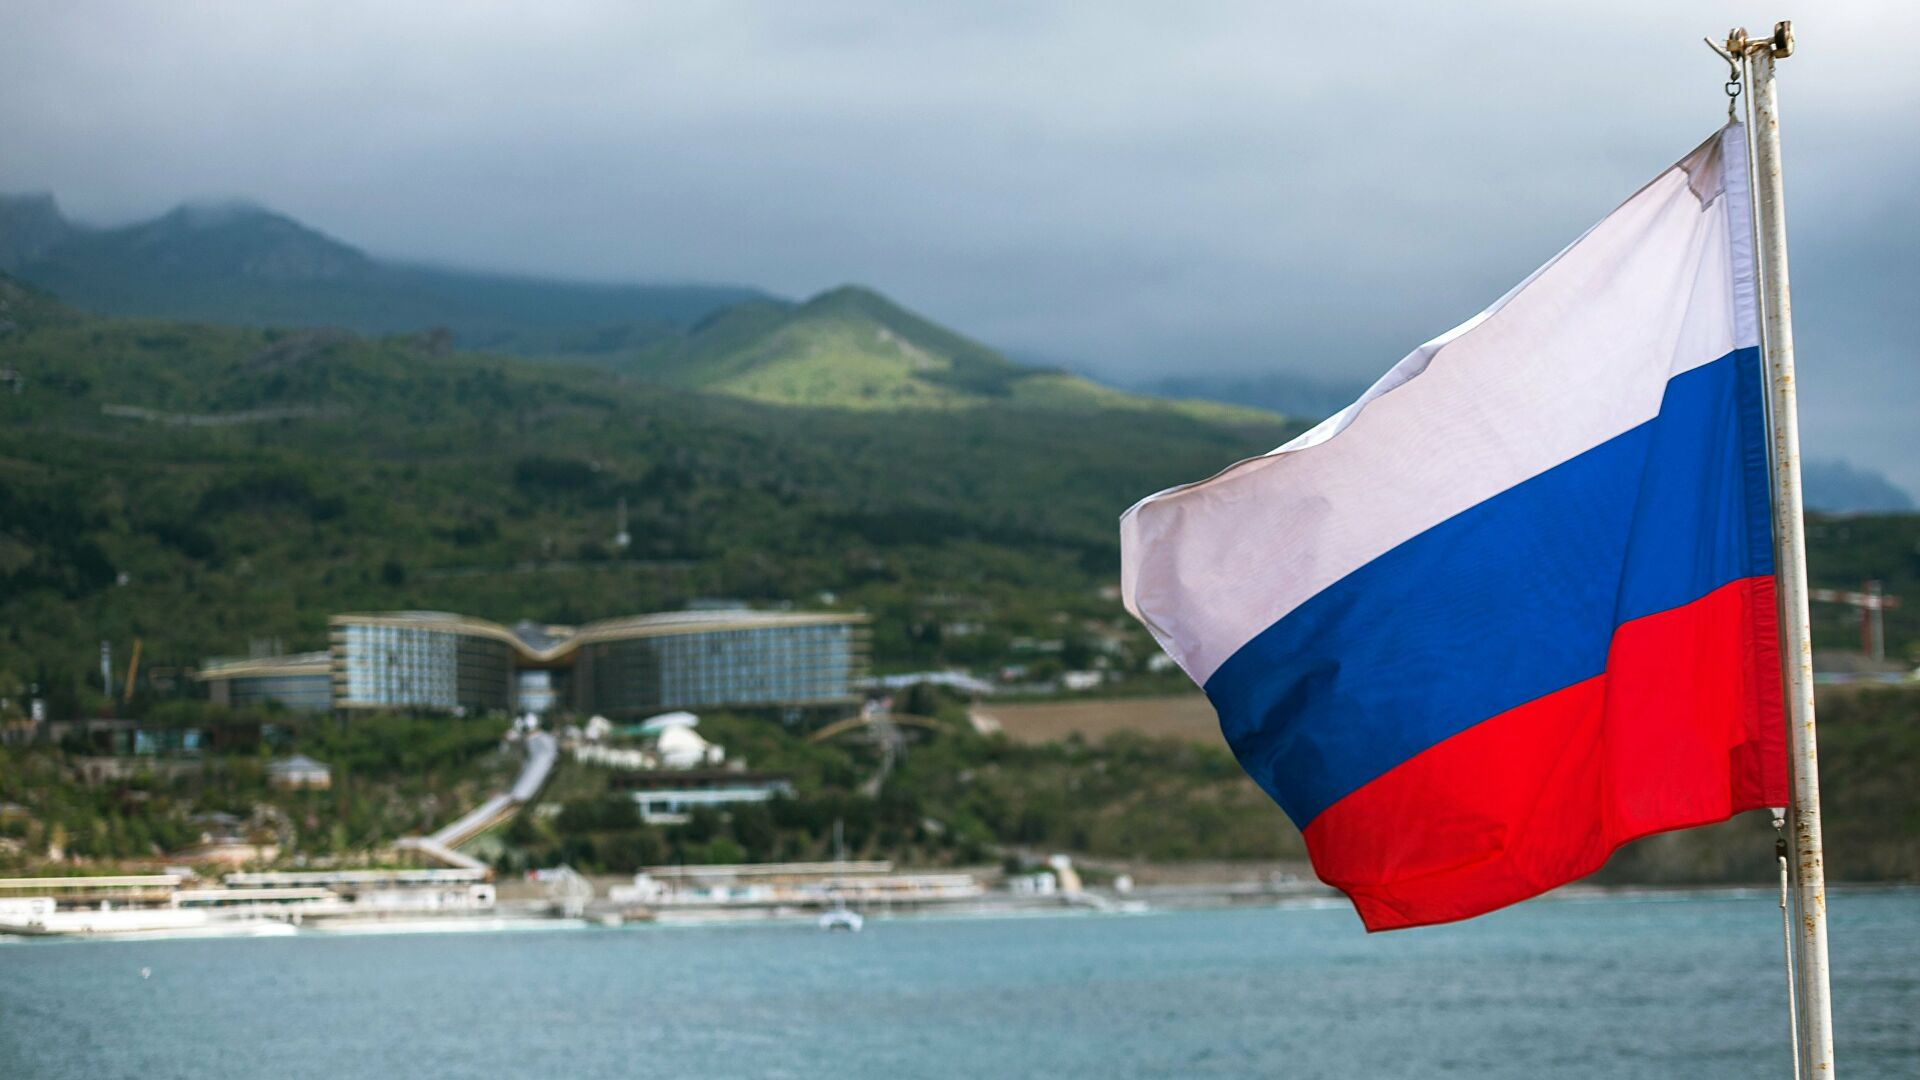 САД: Милитаризација Крима од стране Русије представља претњу нашој заједничкој безбедности